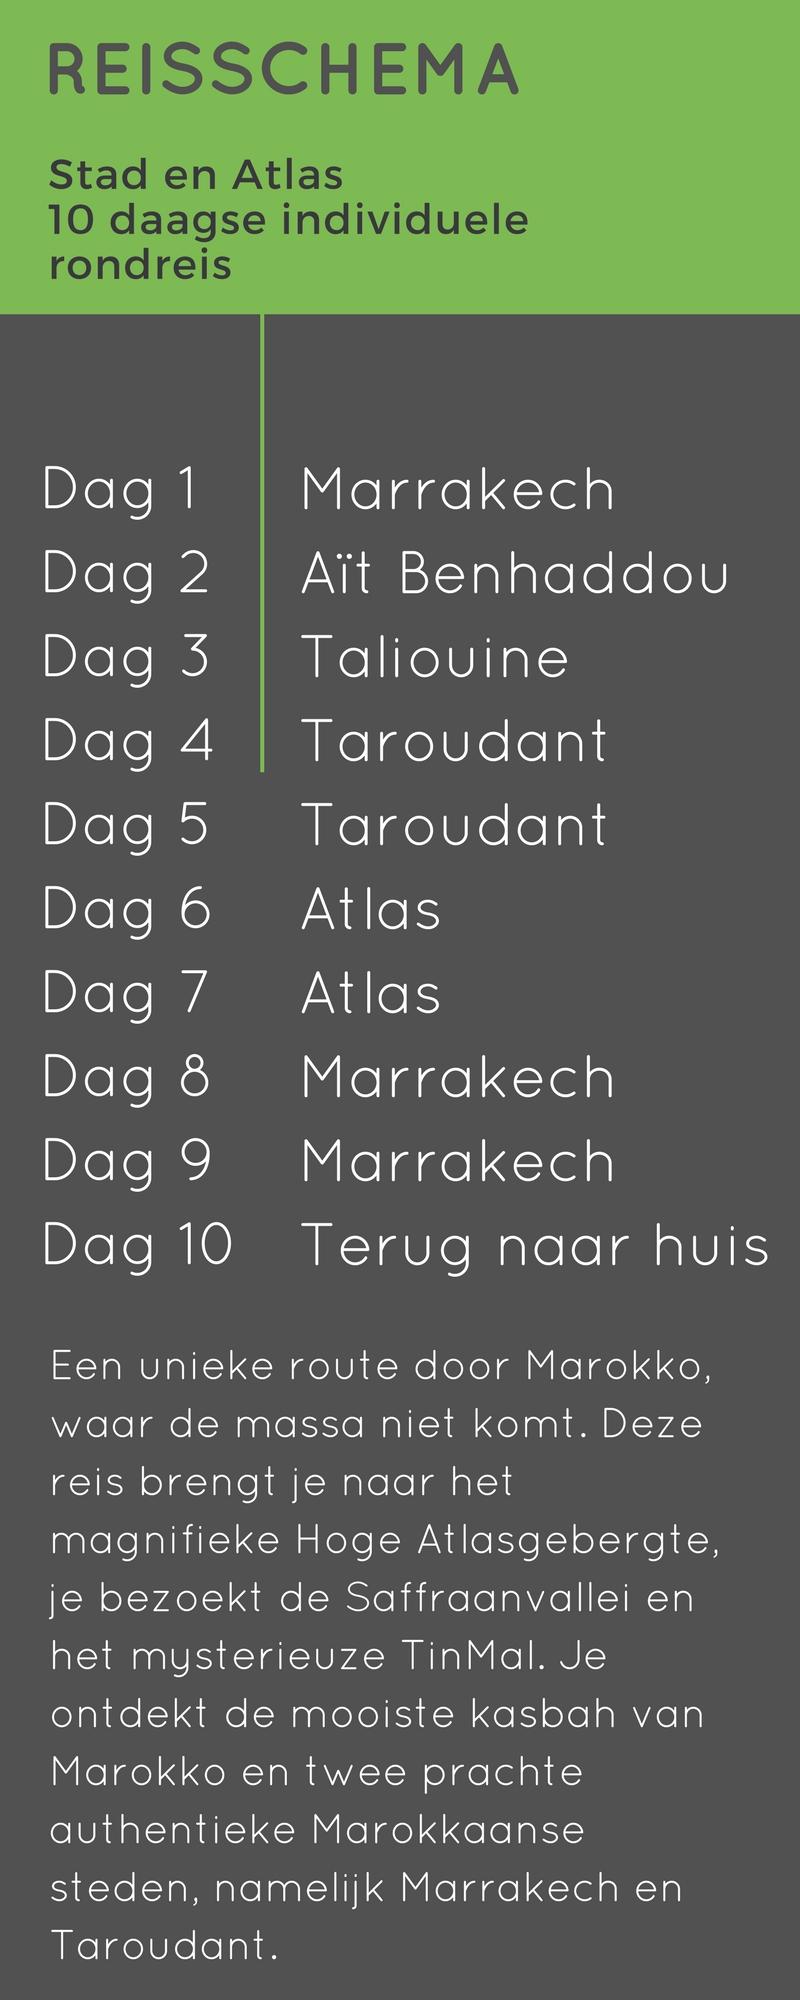 Reisschema_Stad_en_Atlas